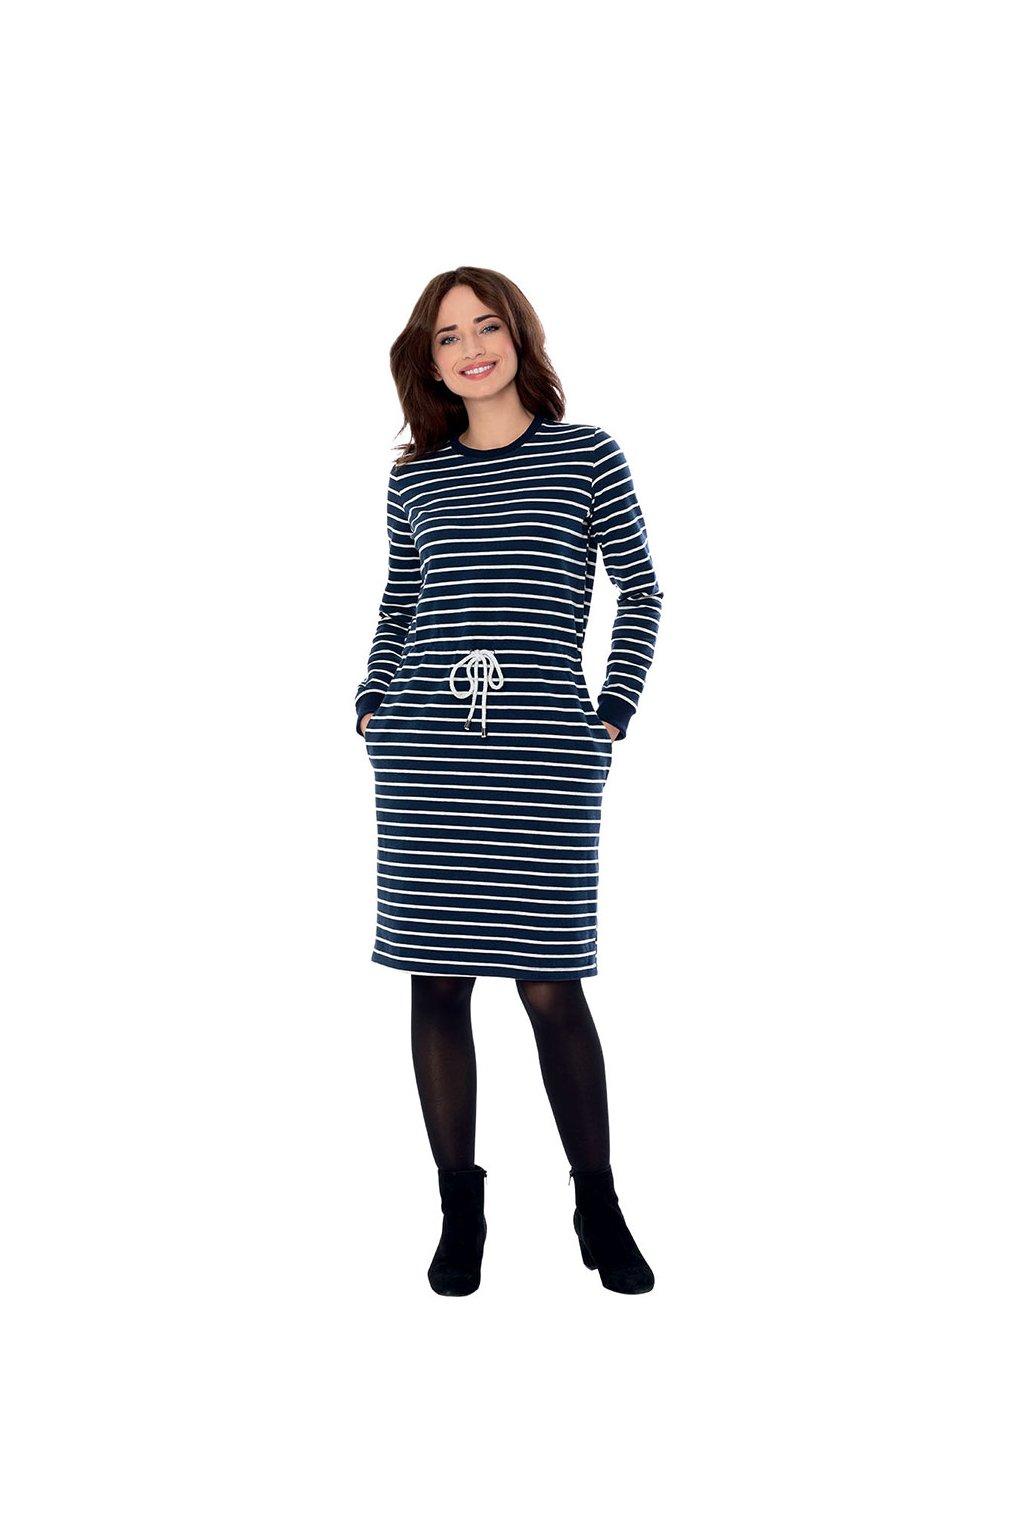 Dámské šaty s dlouhým rukávem, 105113 101, tmavě modrá